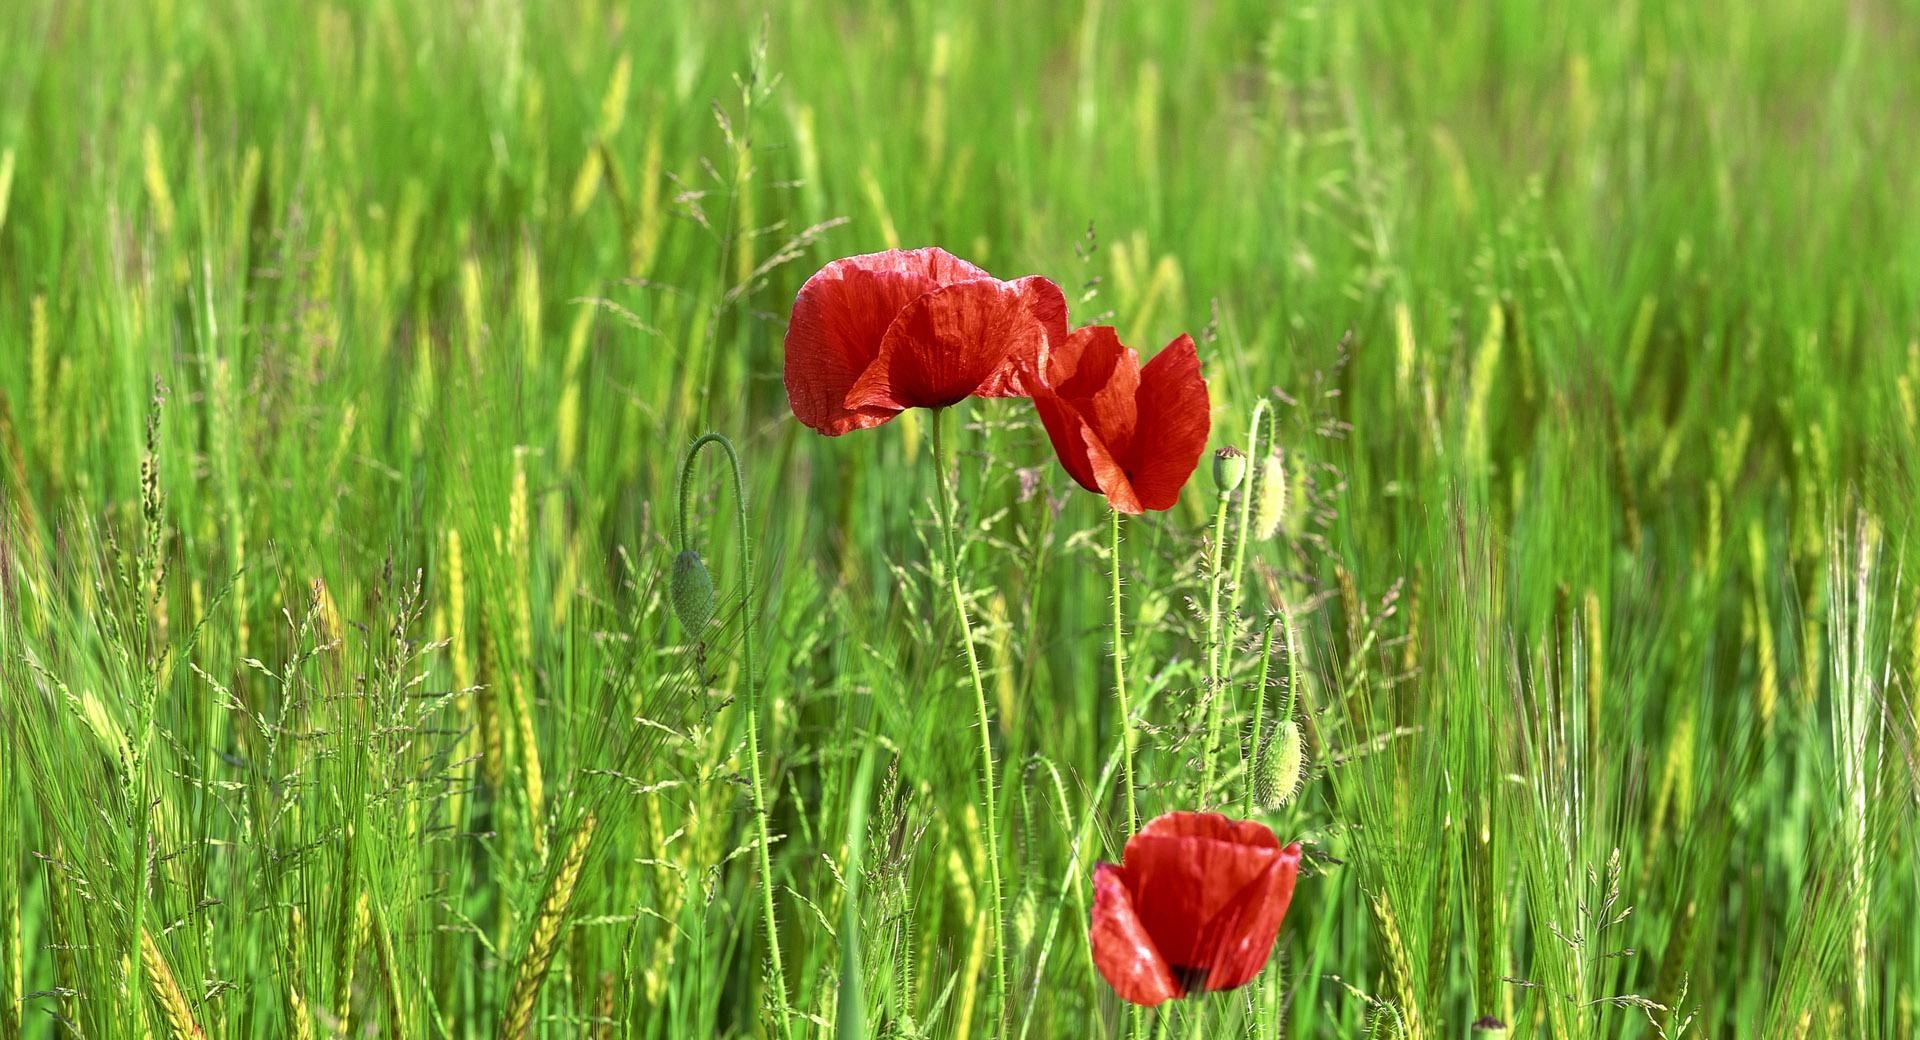 Wild Poppy Flowers In Wheat Field wallpapers HD quality